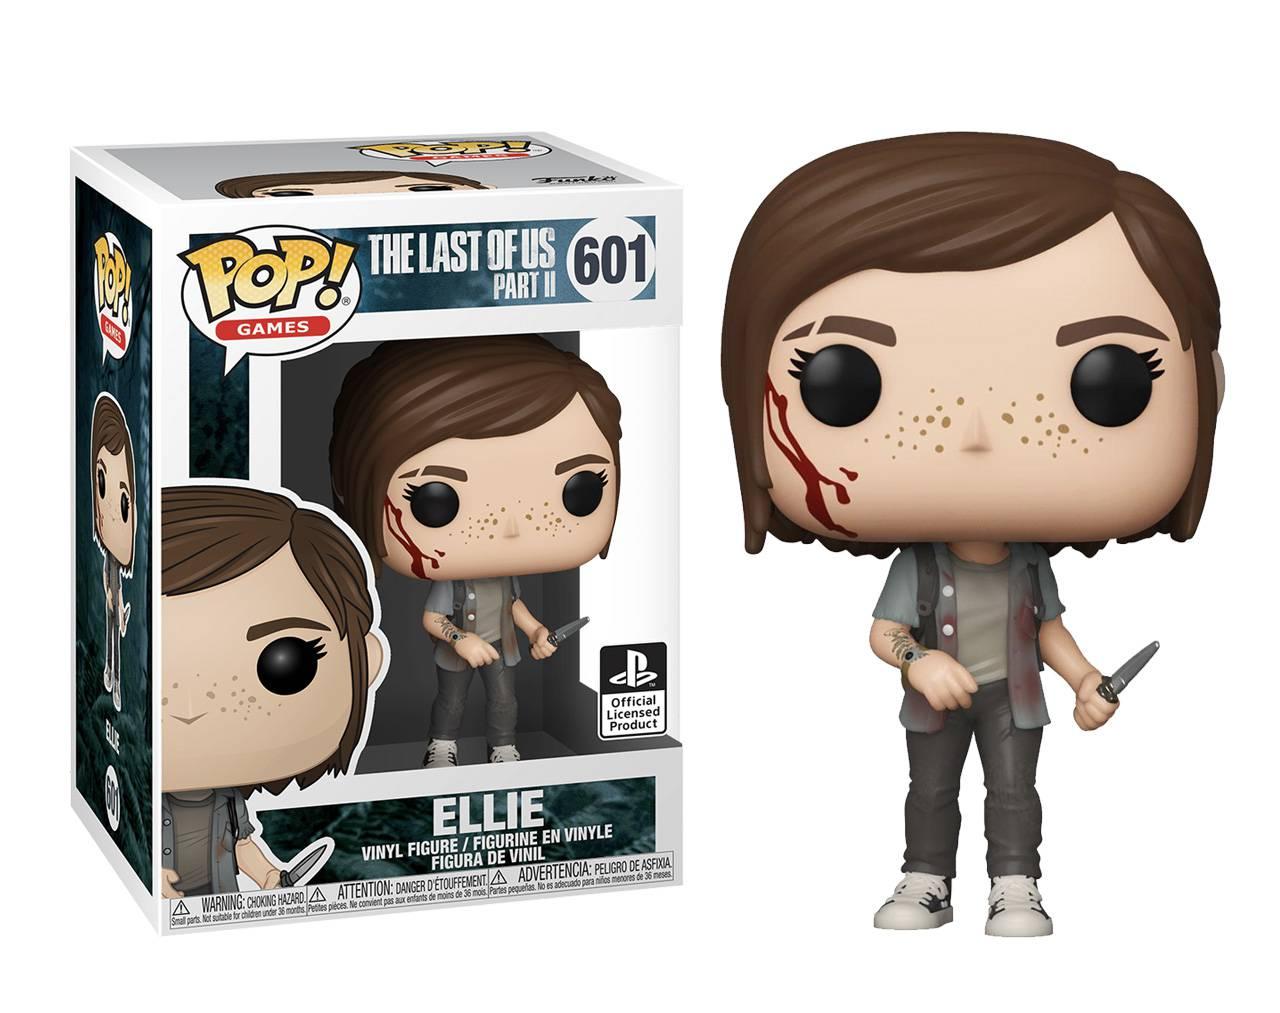 Ellie Pop! Vinyl